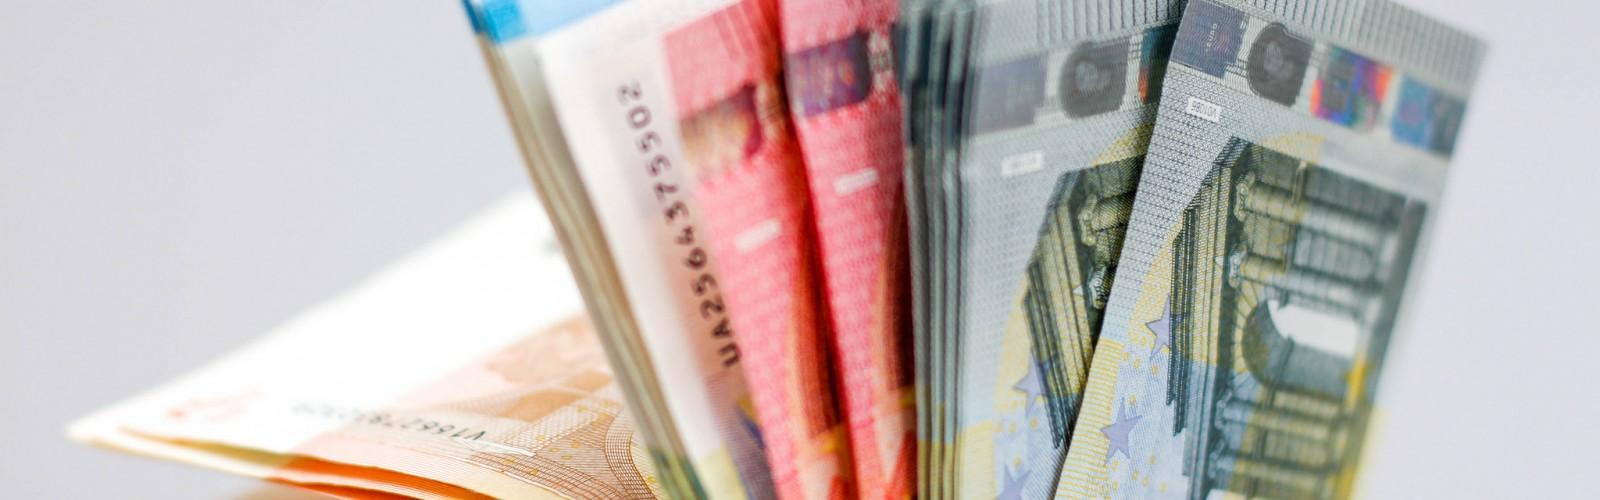 Assurance financiere : sommes-nous obligés de souscrire une assurance financière ?